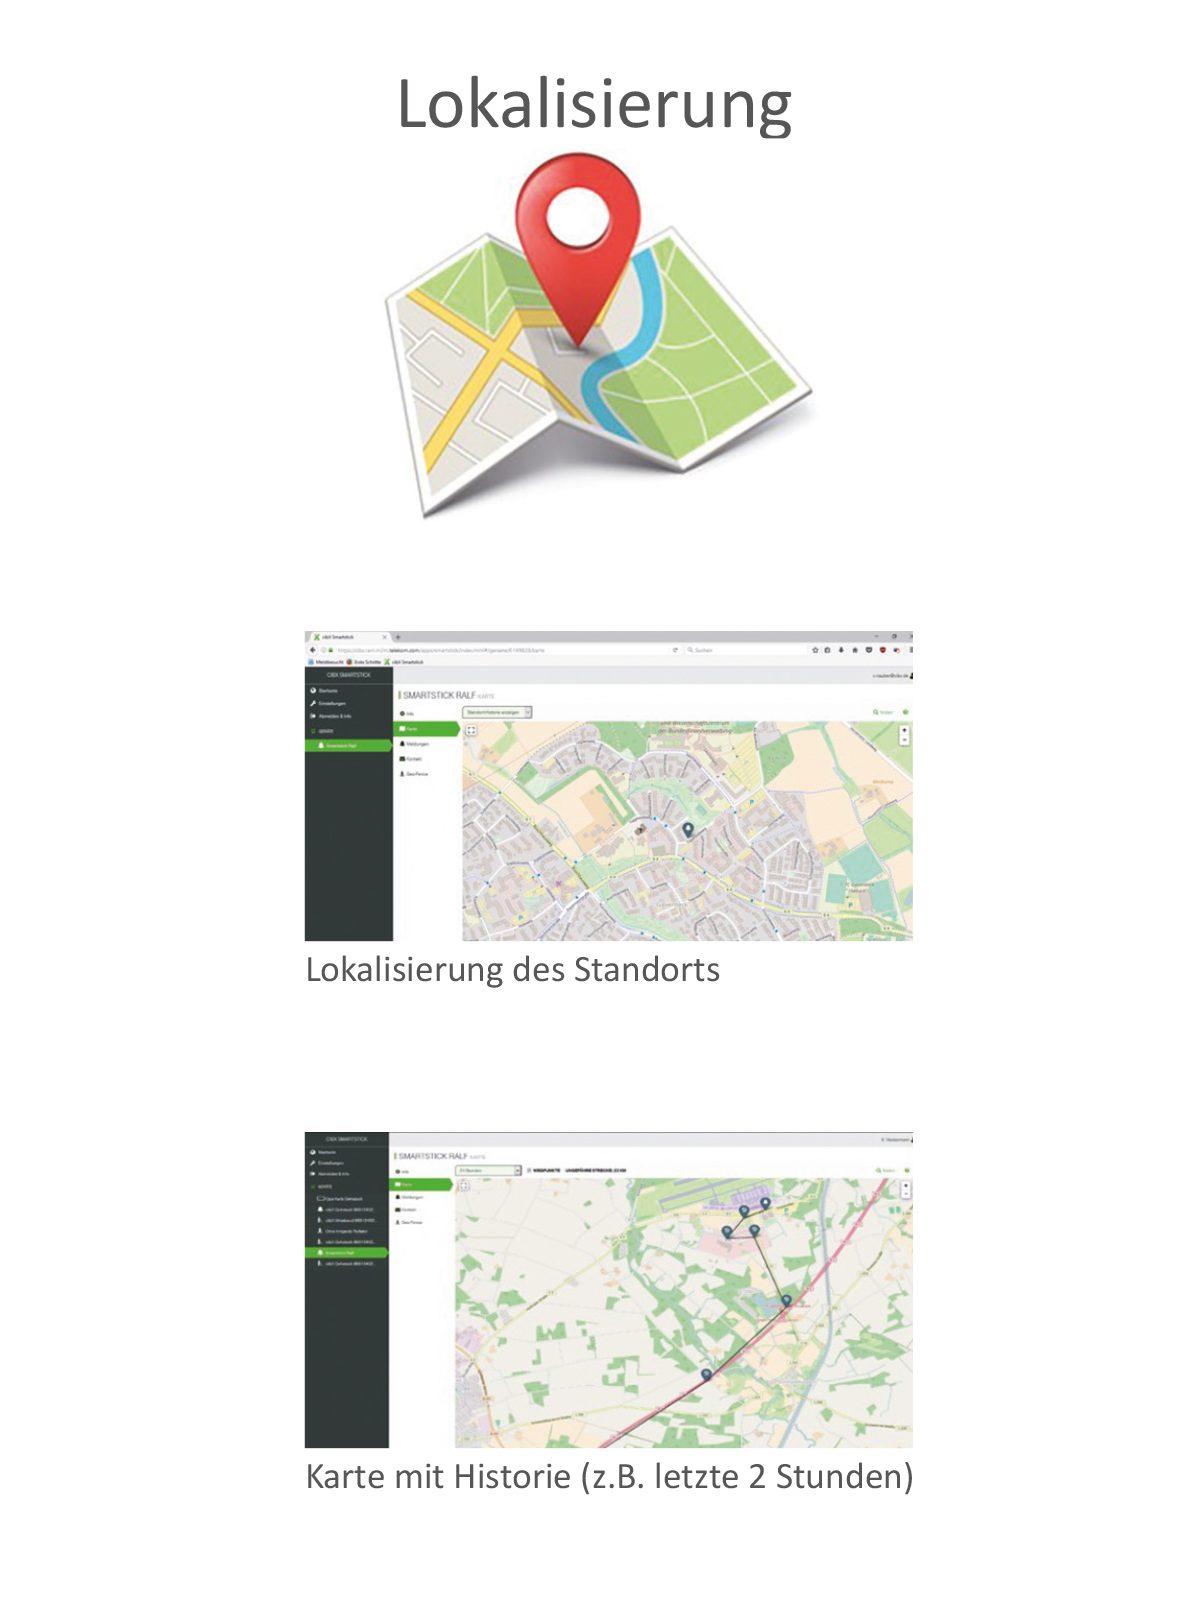 Lokalisierung.jpg